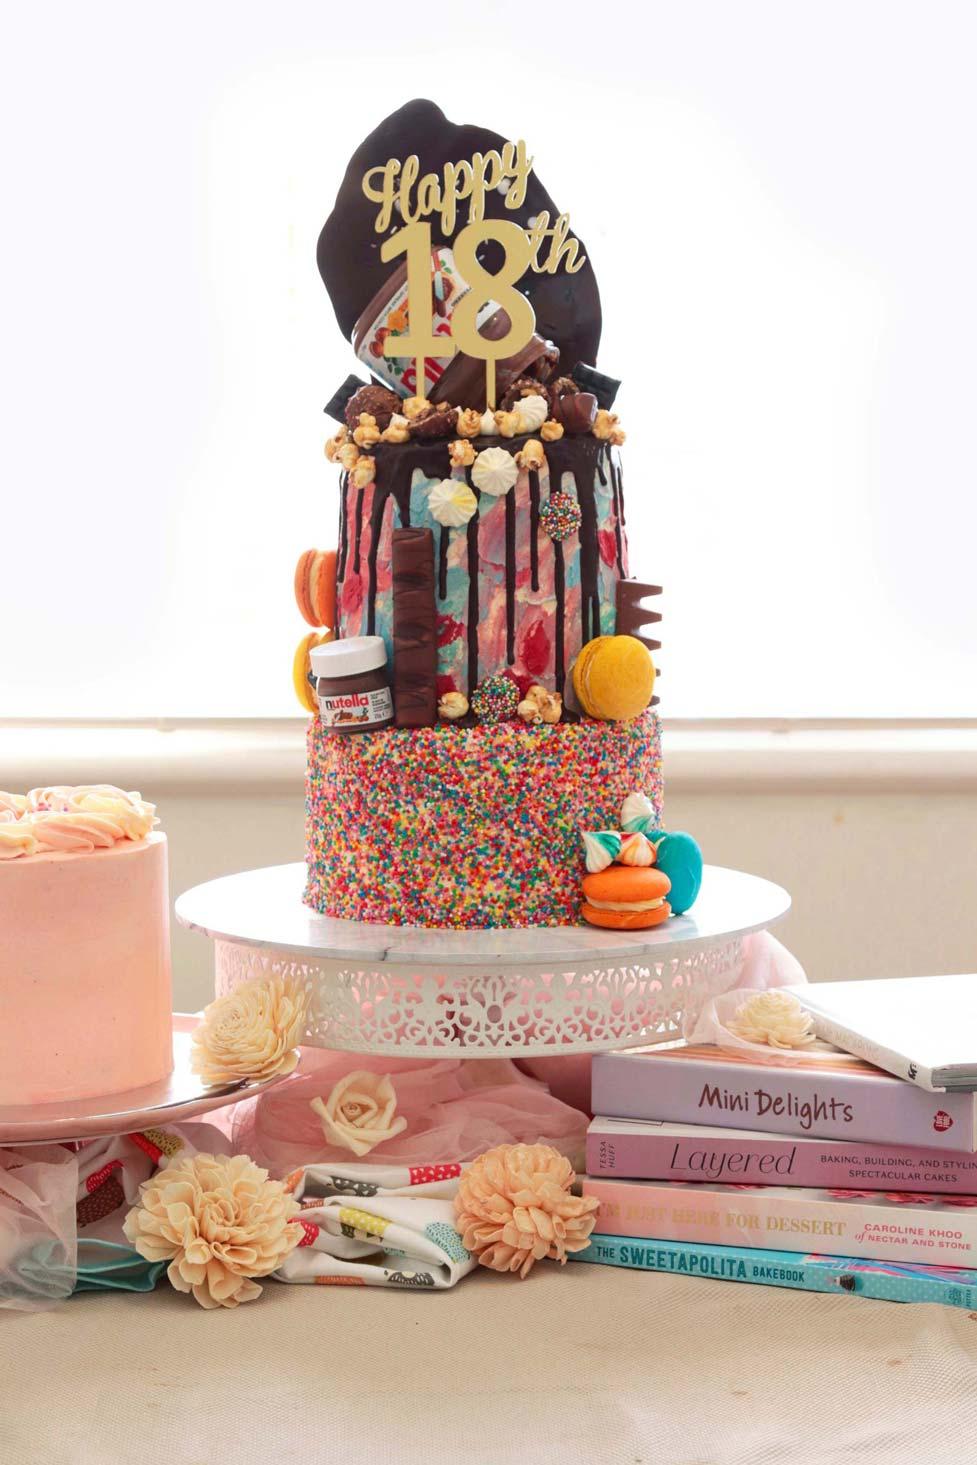 The_Little_Cake_Maker_Perth_Baker_CustomCakes_DayCakes_Slices_Tarts_Cupcakes_Custom_Cakes_4.jpg